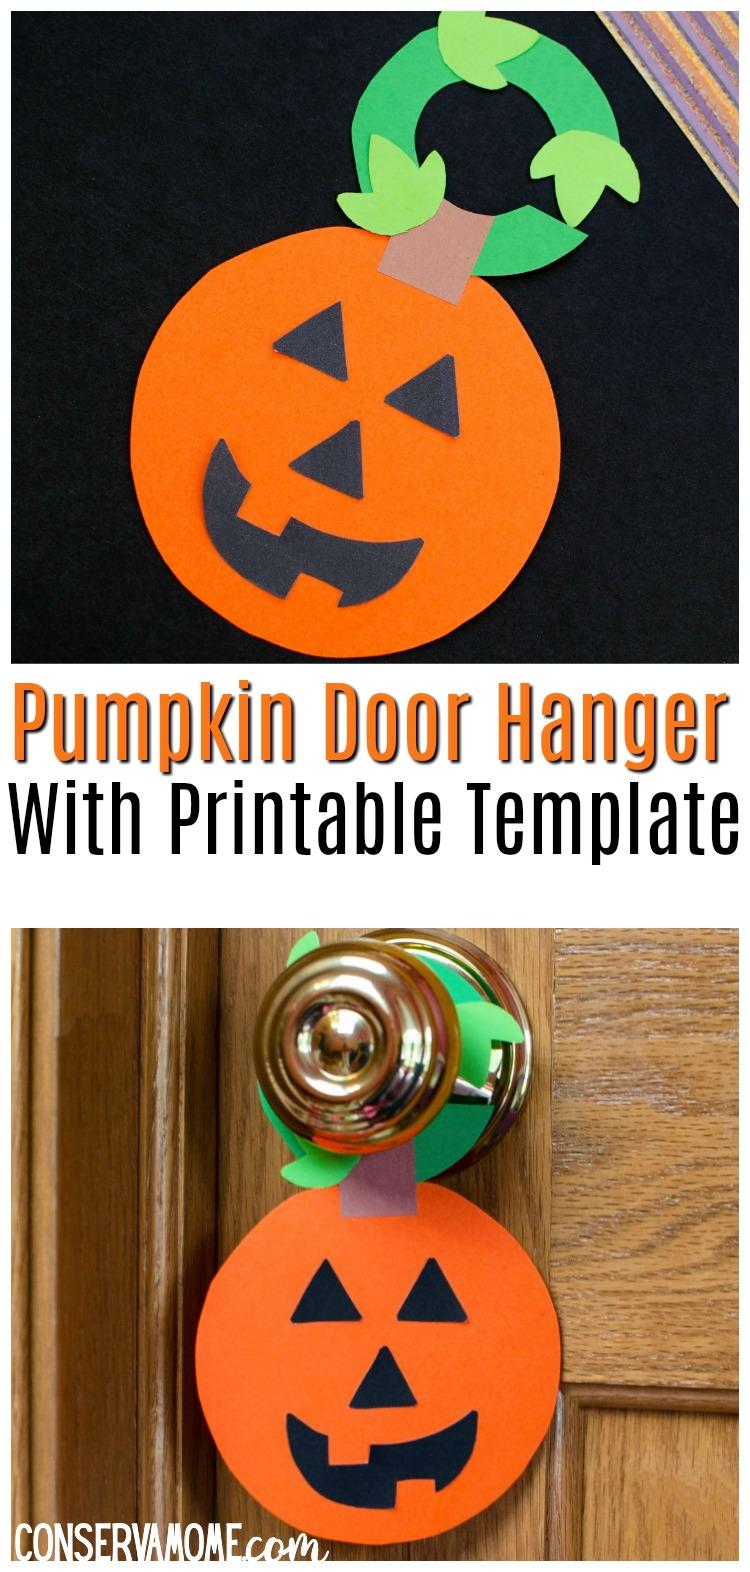 Pumpkin Door Hanger craft